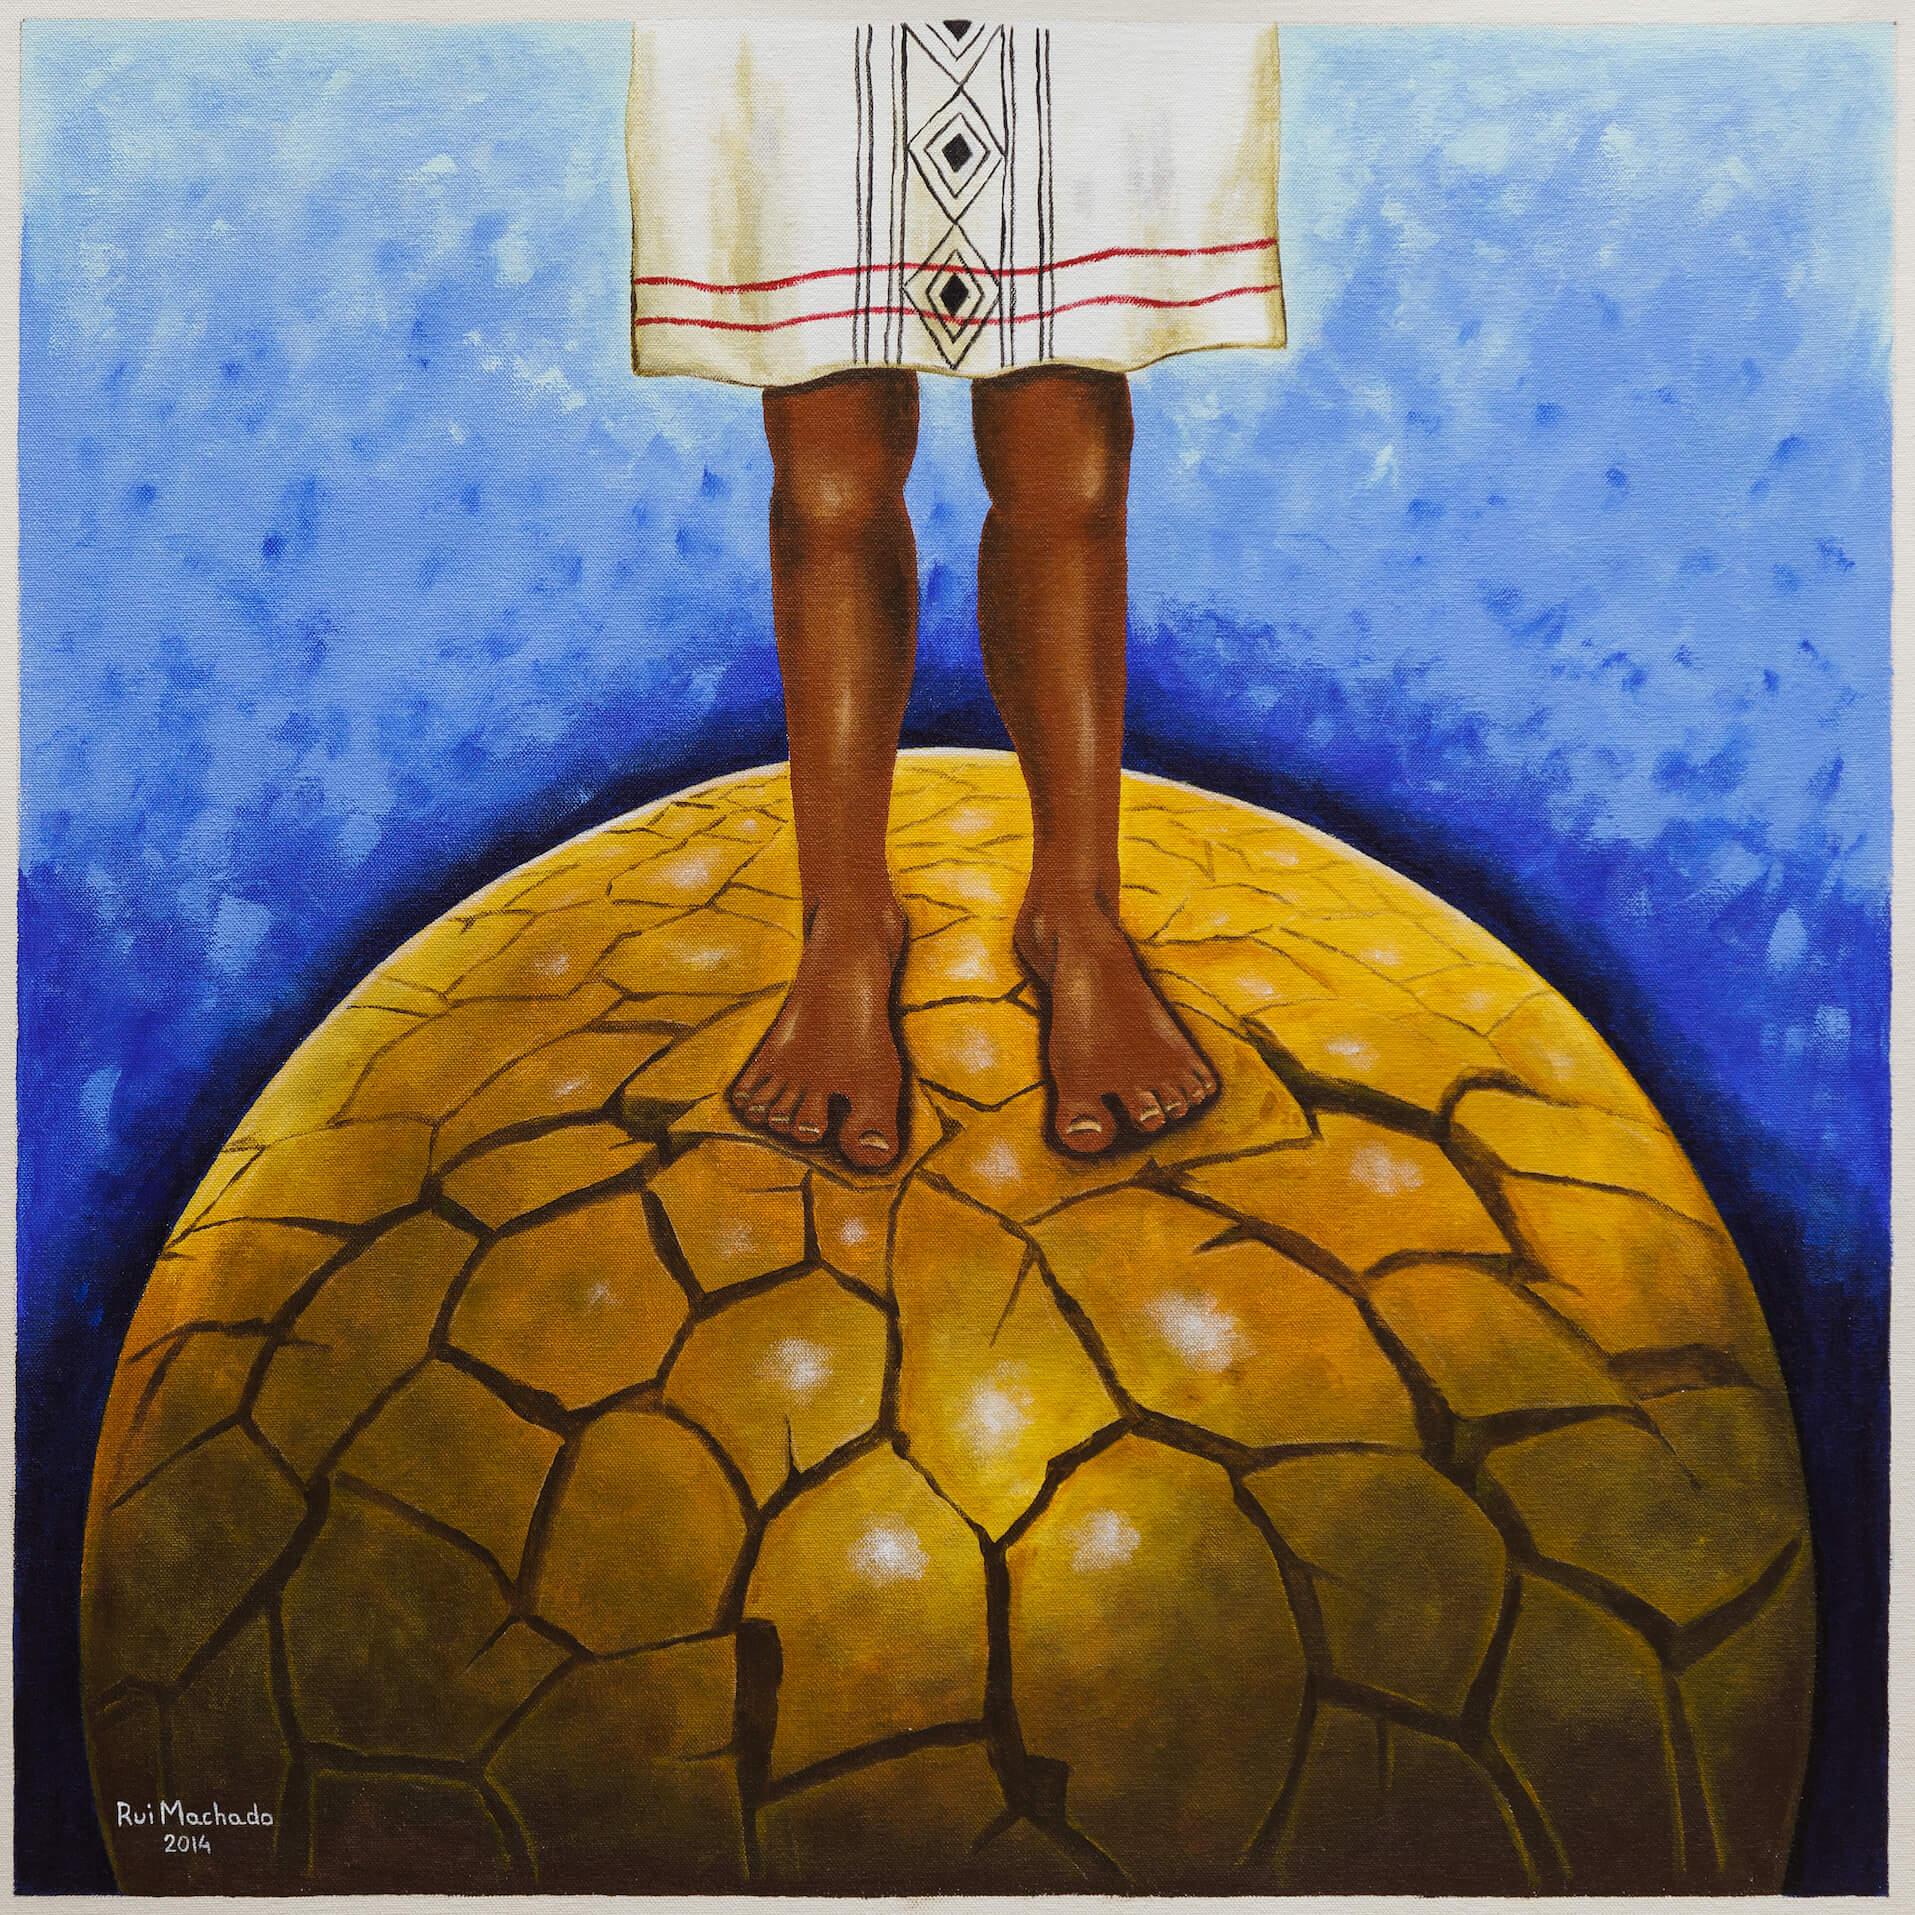 """Série: """"Pachamama"""", (70 x 70 cm), acrílica sobre tela, 2014"""